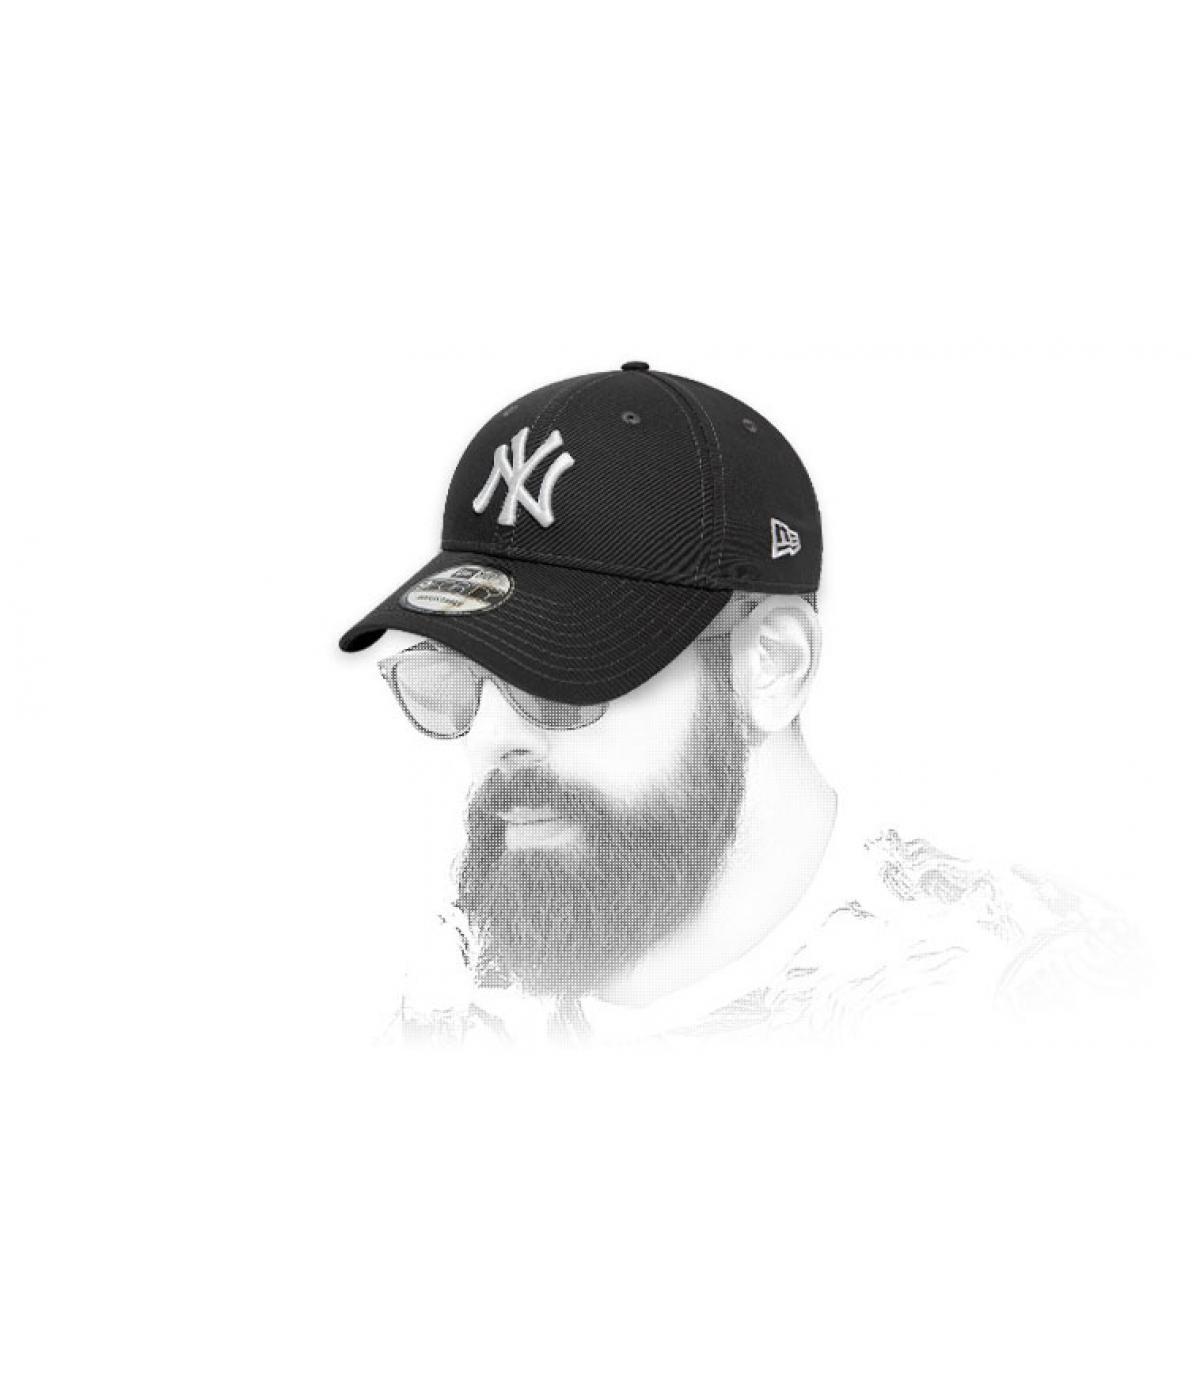 grey white NY cap